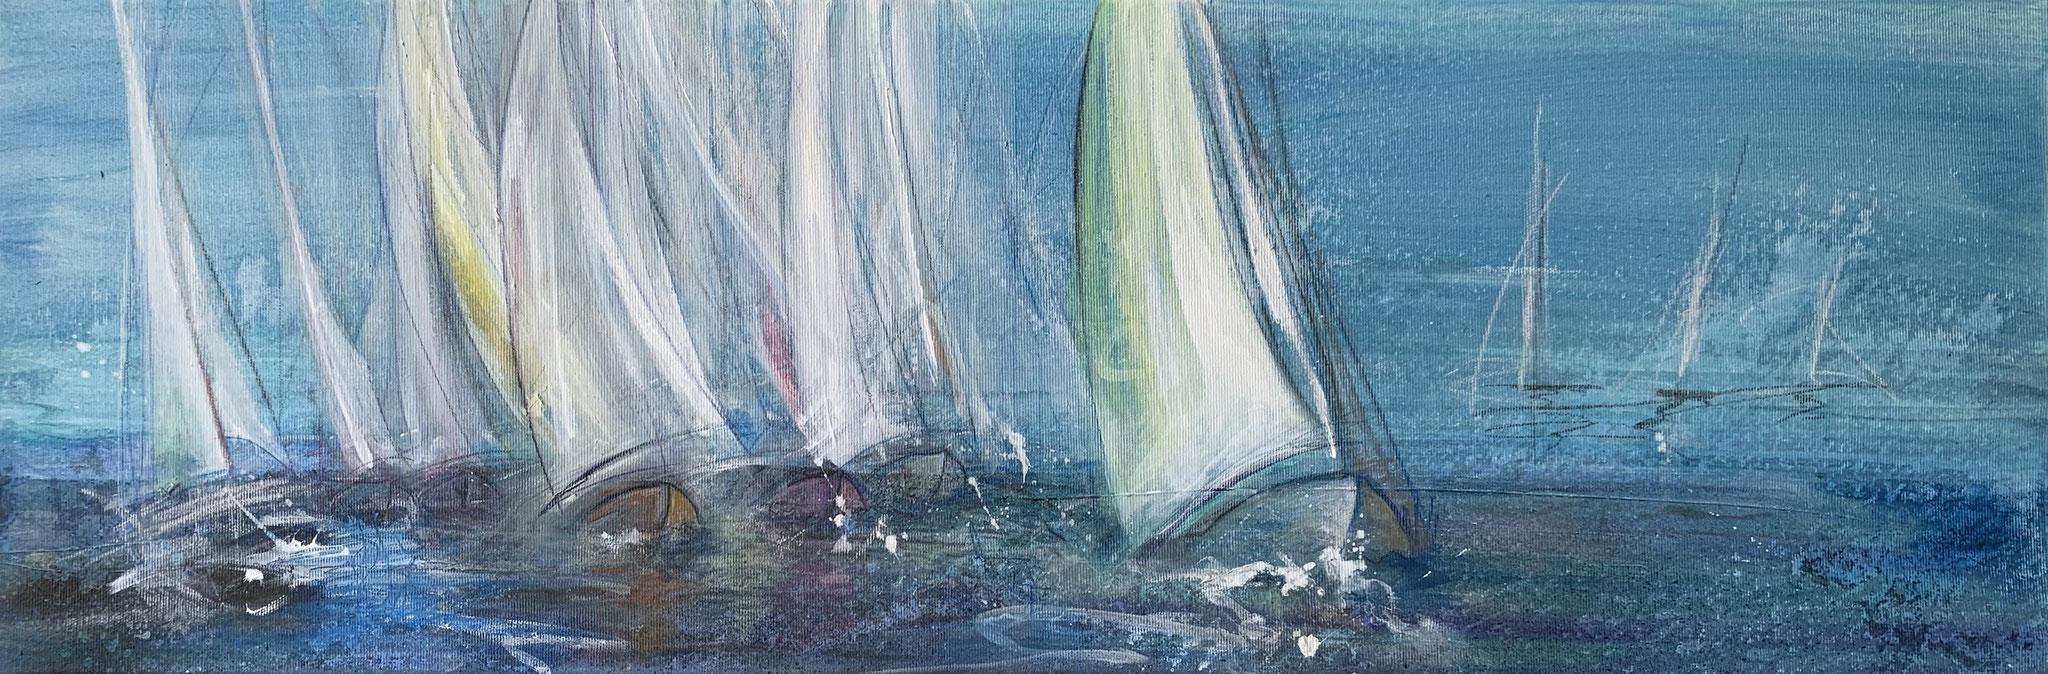 Ostsee, Acryl und Kreide auf Leinwand, 80 x 30 cm